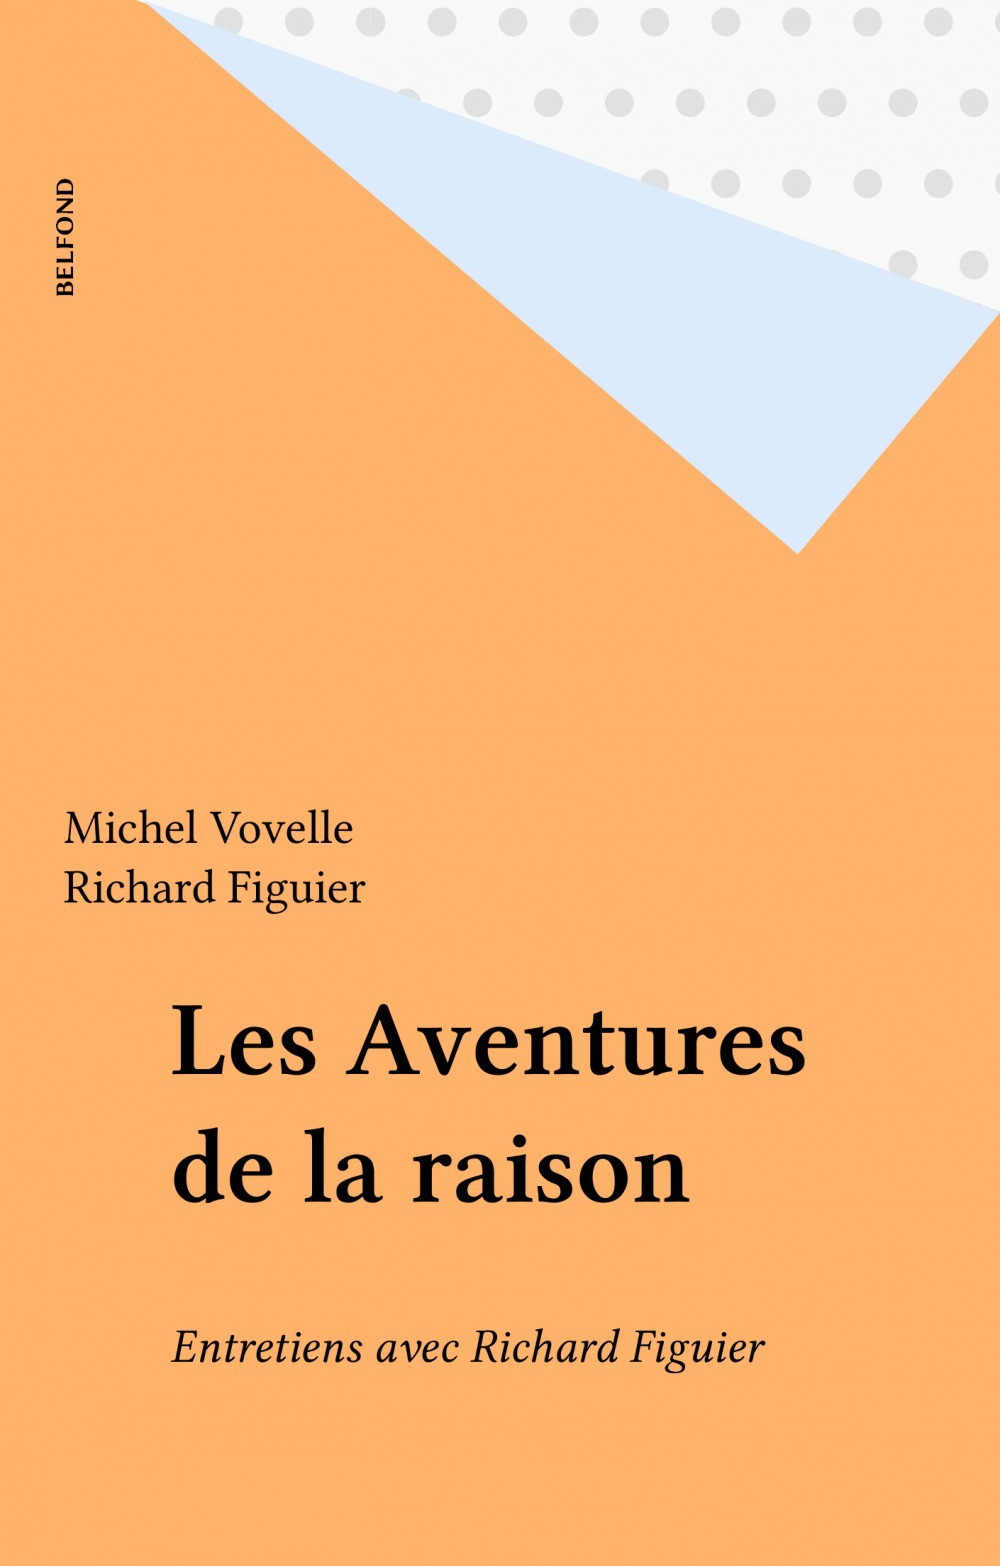 Les aventures de la raison